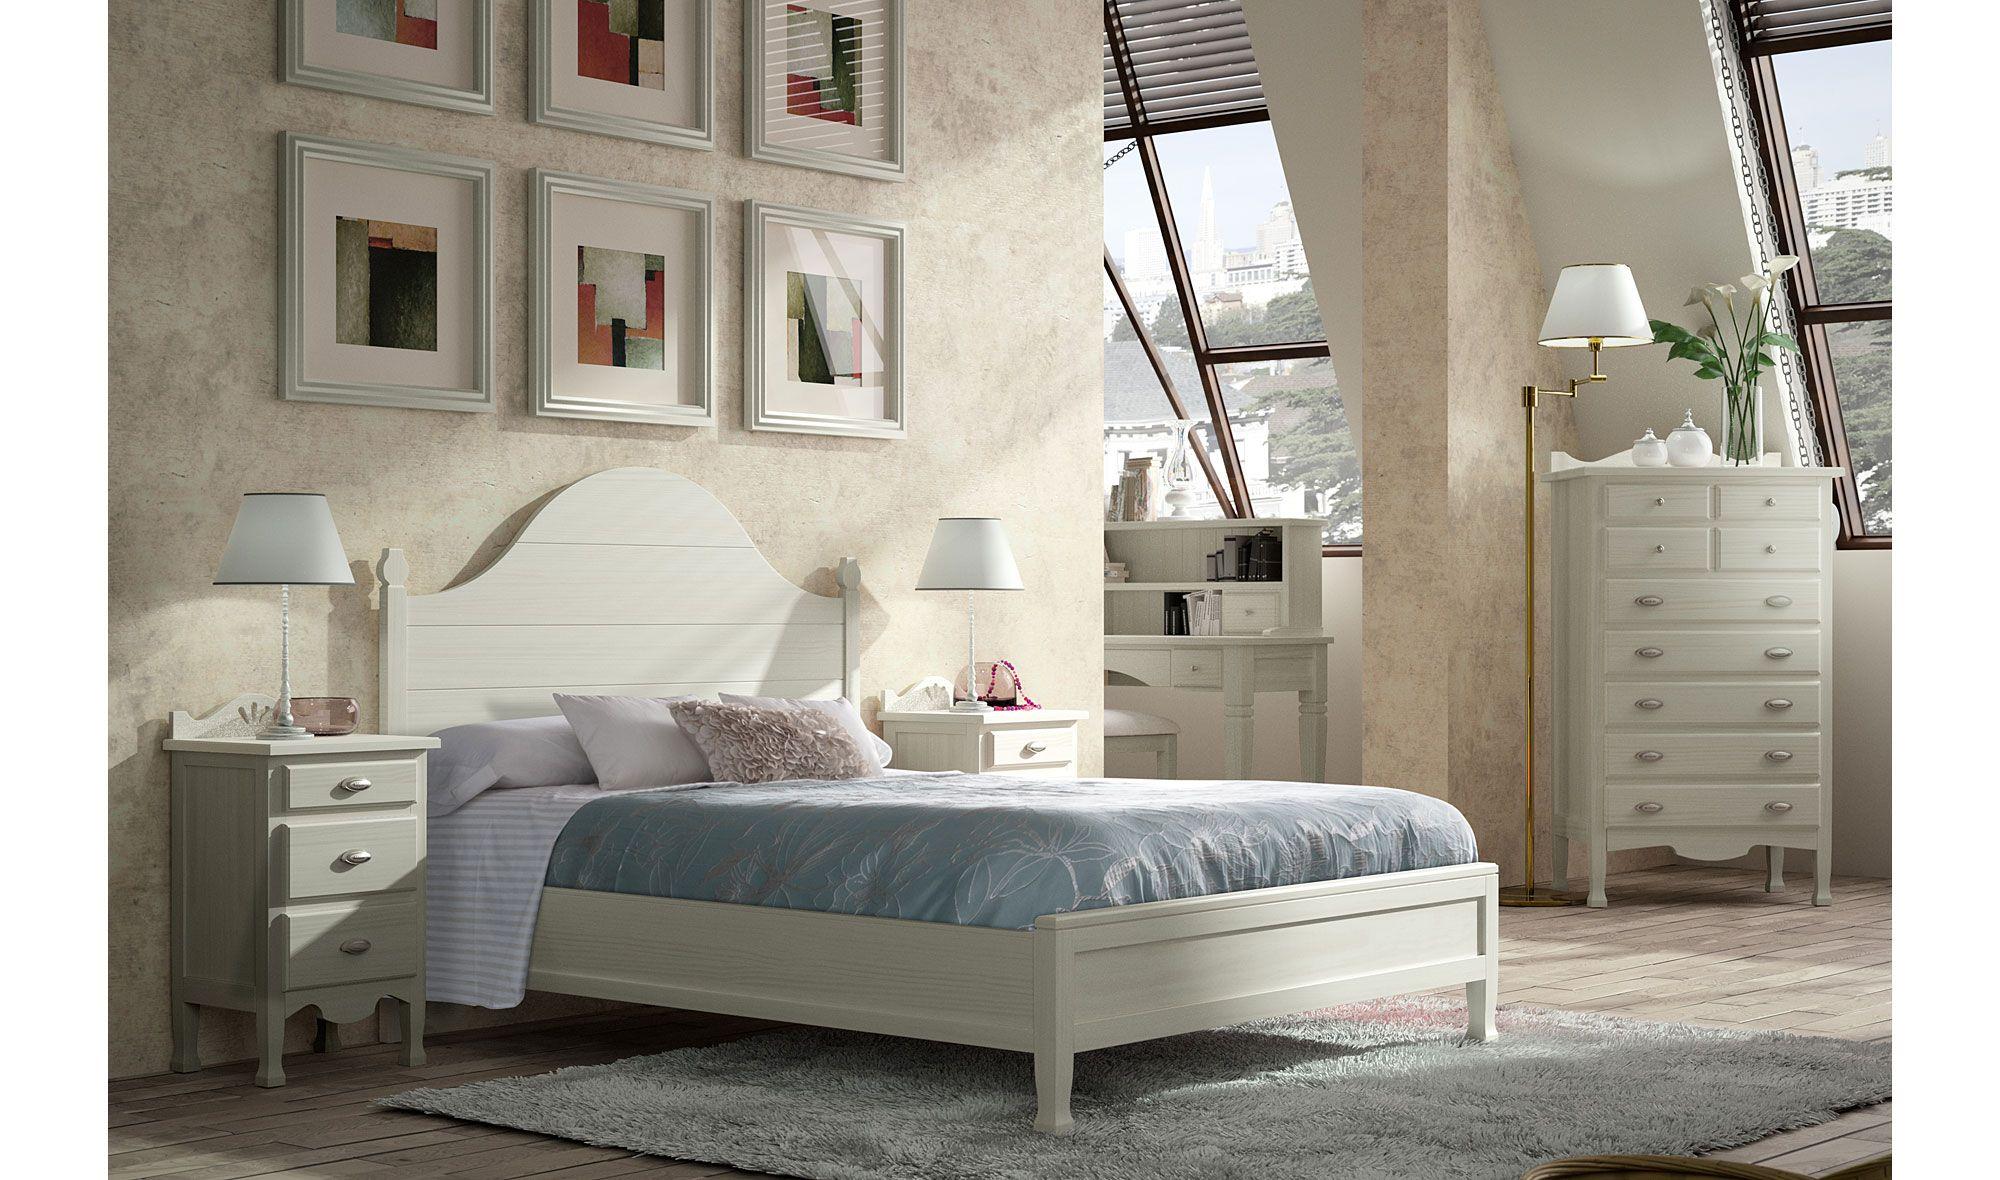 Dormitorio vintage provenzal blanco decco de lujo en for Muebles de habitacion en blanco